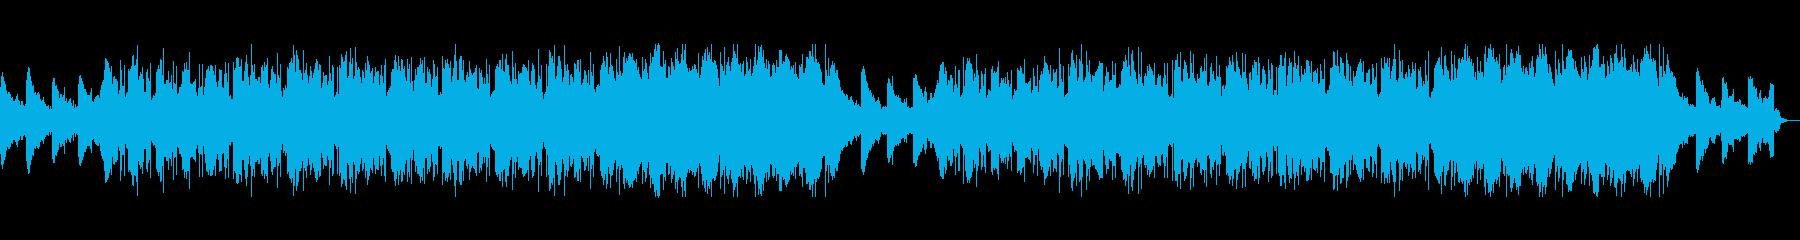 おしゃれ、ローファイ、チルアウトの再生済みの波形